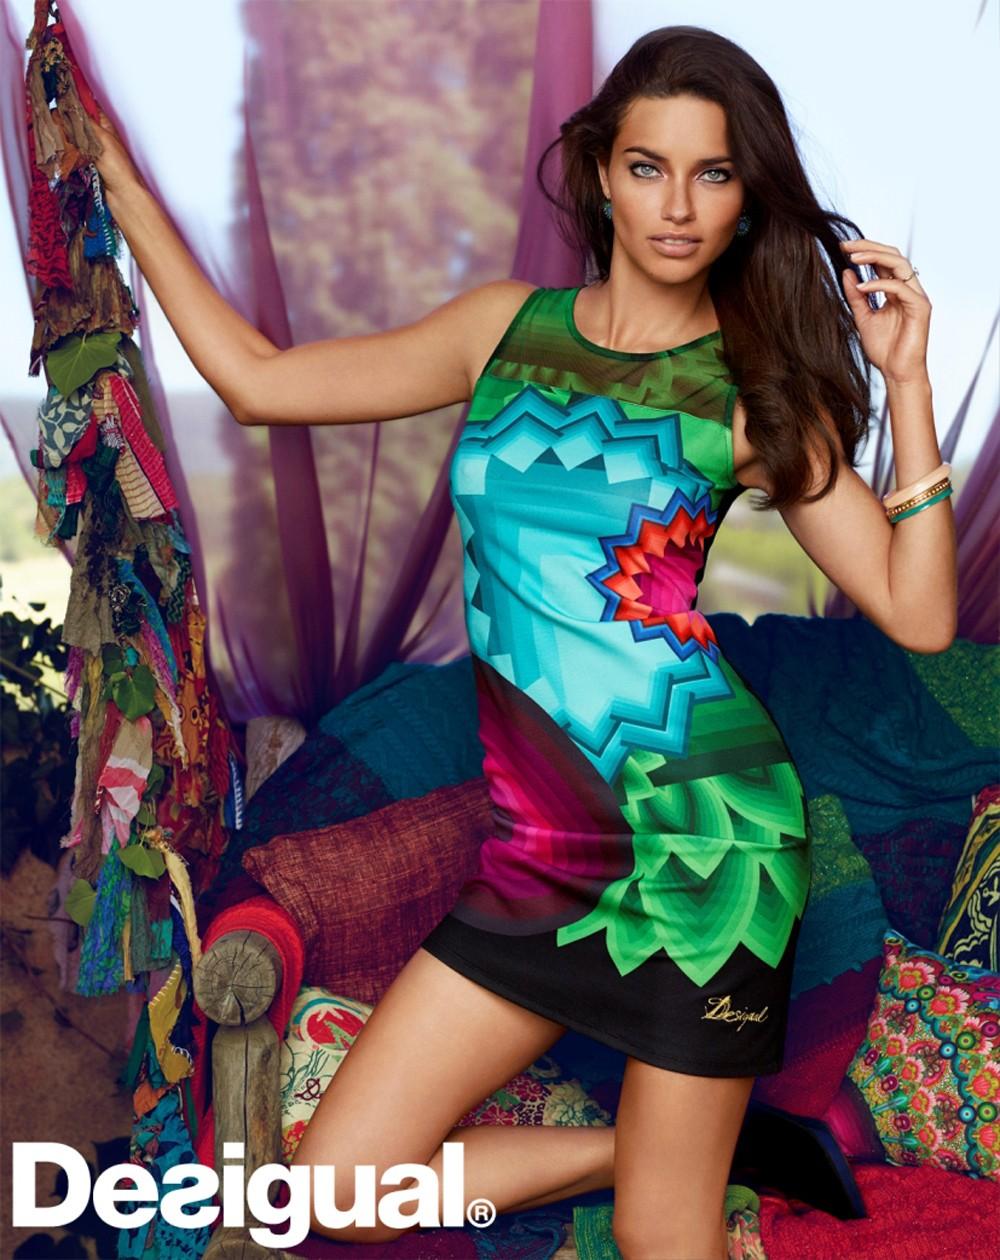 巴西超模Adriana Lima擔任Desigual首位形象大使 性感演繹秋冬系列3